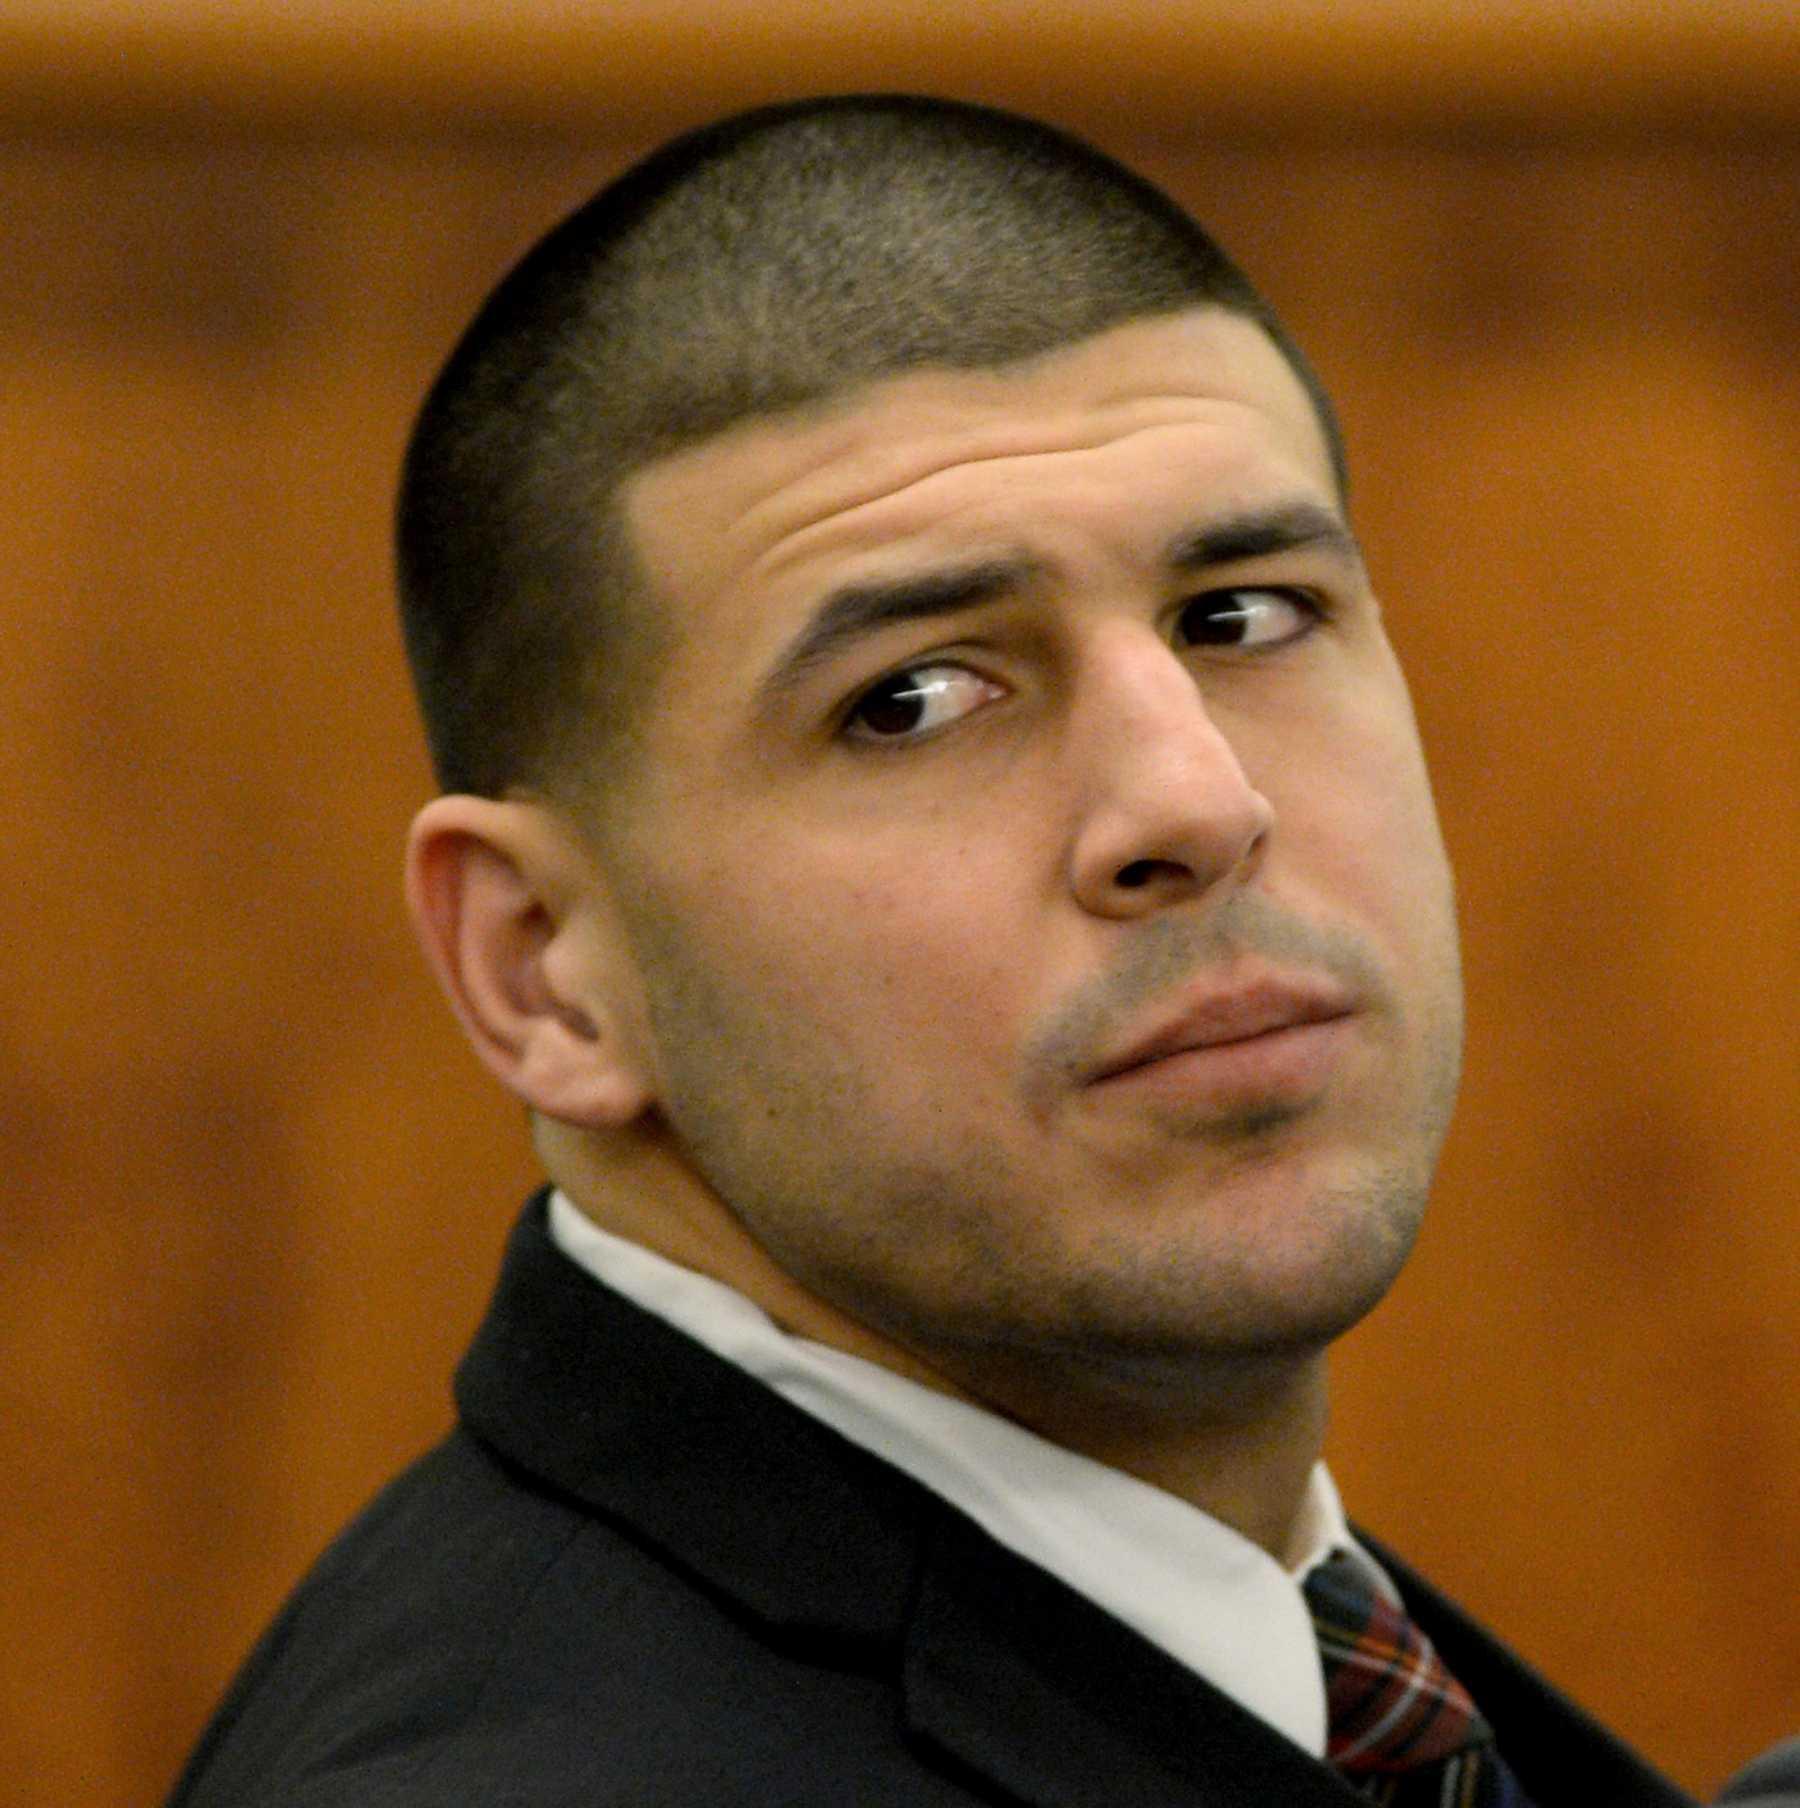 The Details Of Aaron Hernandez's Suicide... Or Murder? | Aaron Hernandez